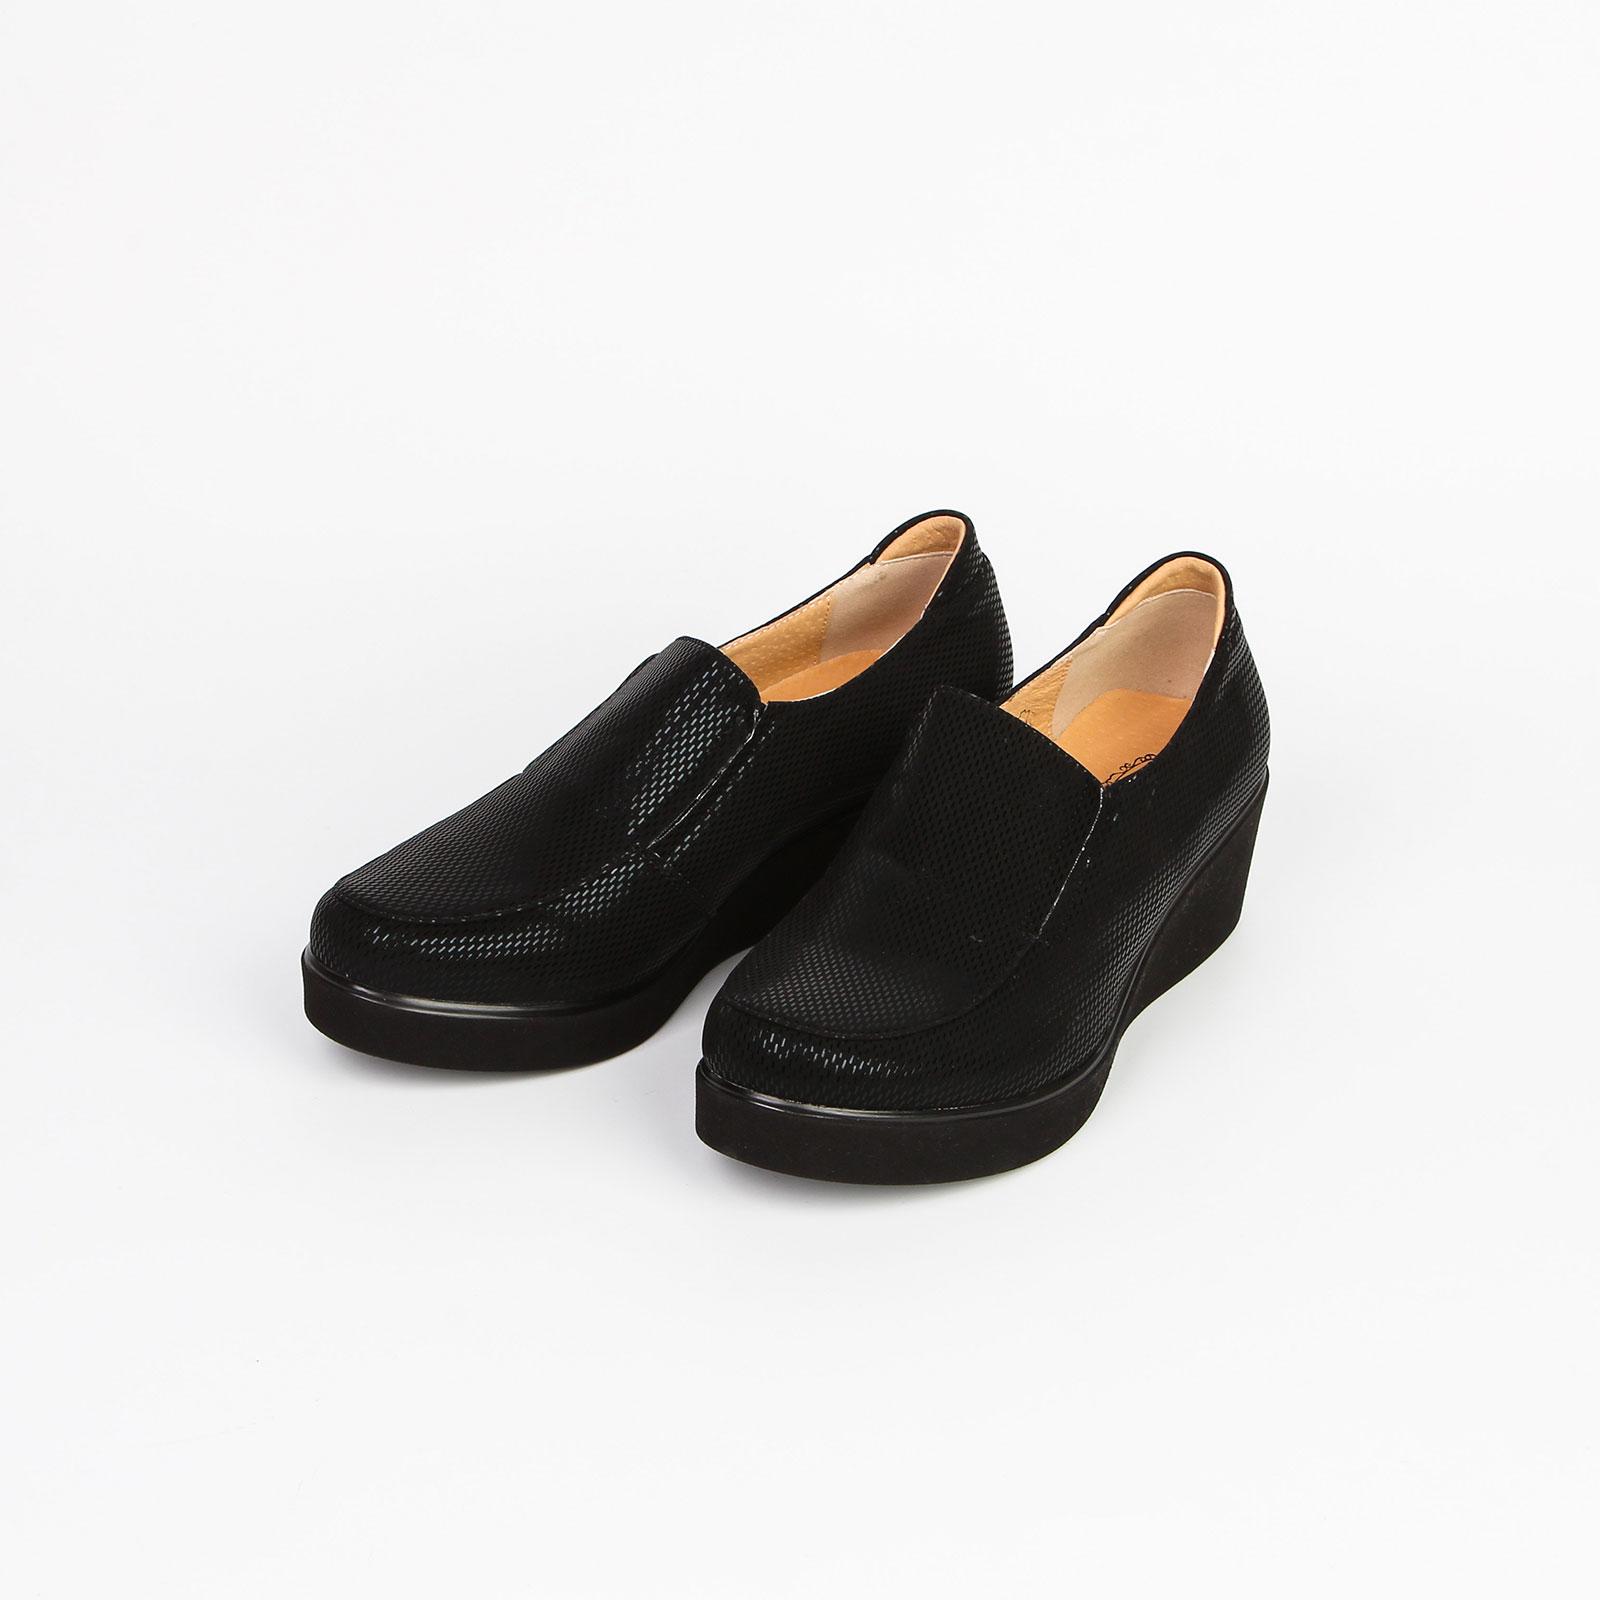 Туфли женские с подкладкой из натуральной кожи